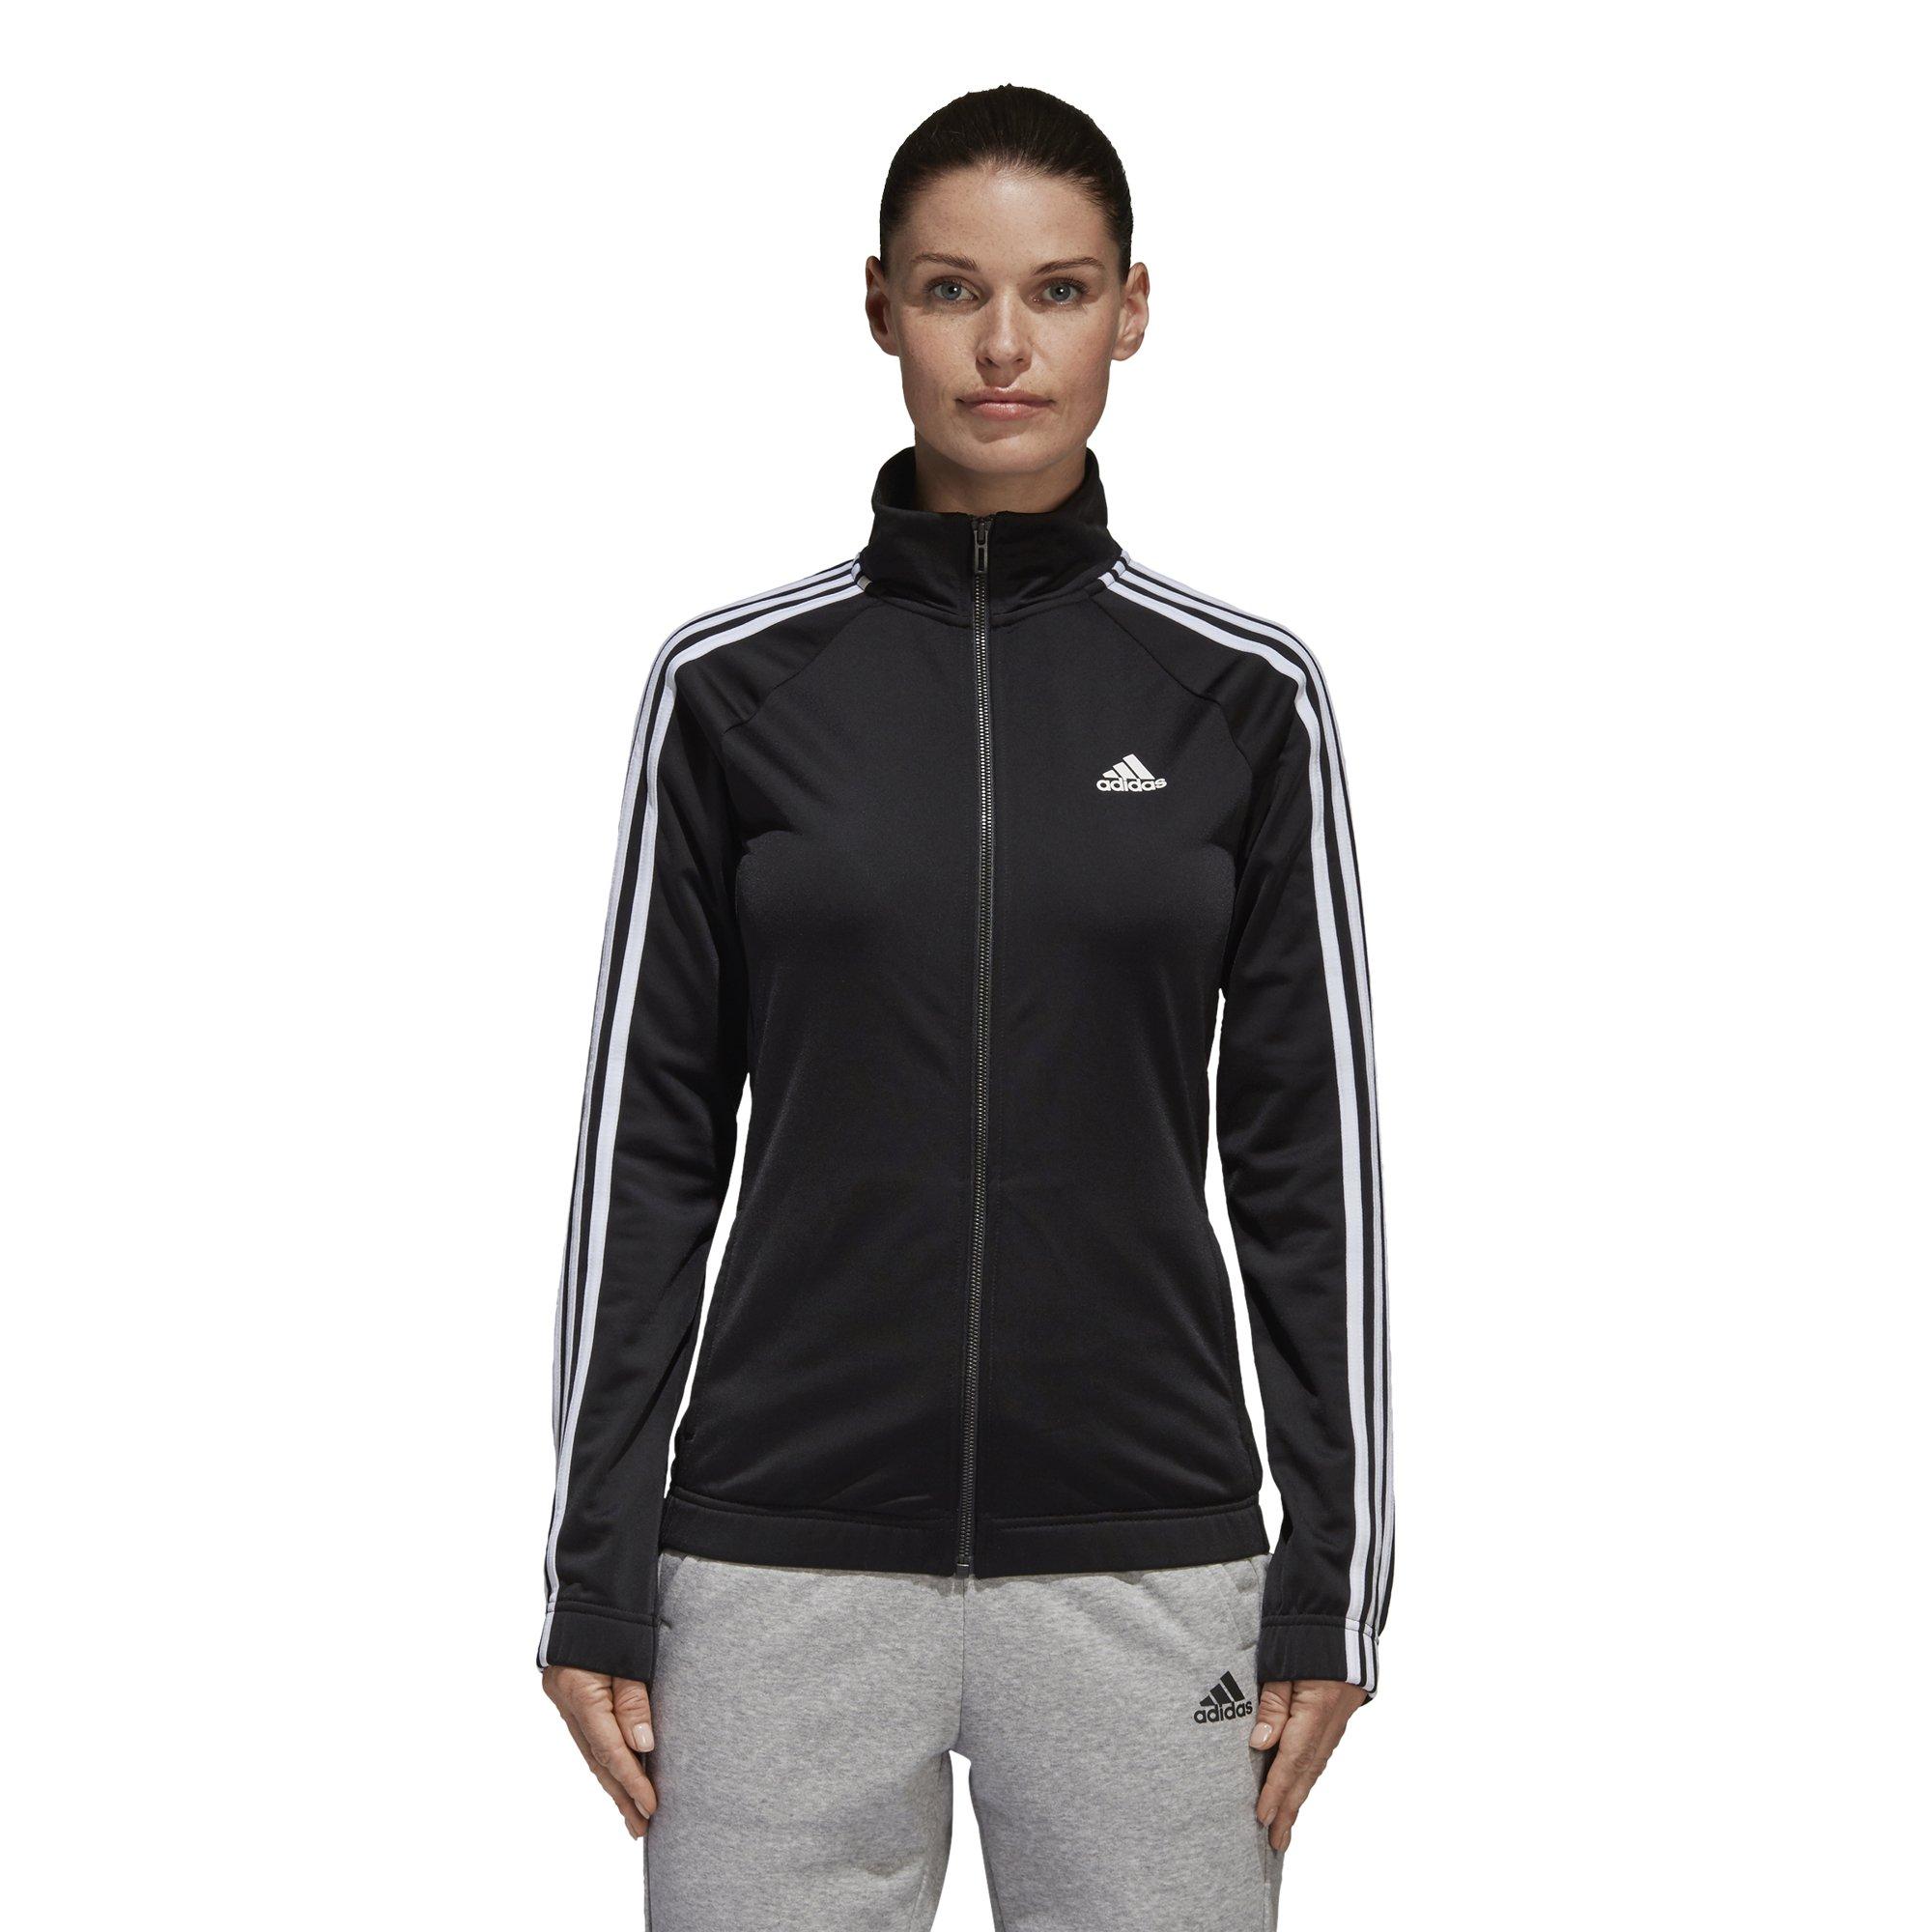 adidas Women's Designed-2-Move Track Jacket, Black/White, Medium